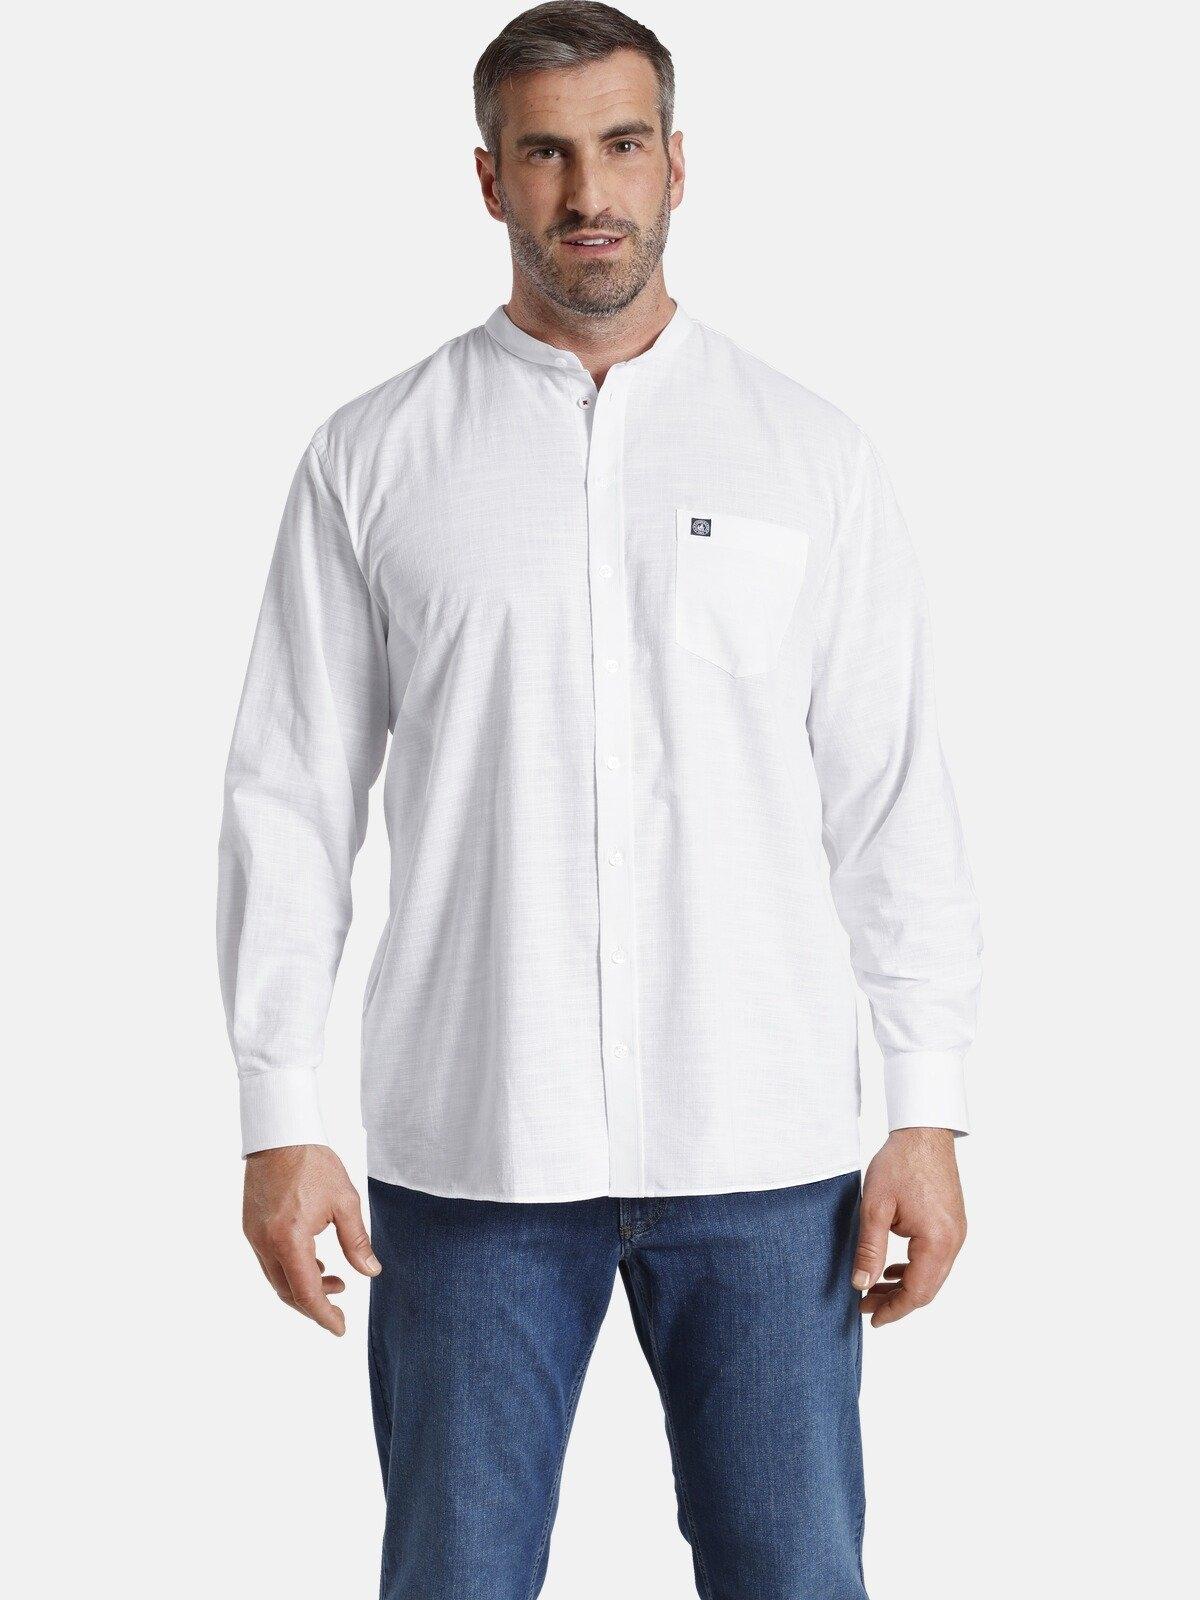 Jan Vanderstorm overhemd met lange mouwen KALLU in linnen look in de webshop van OTTO kopen